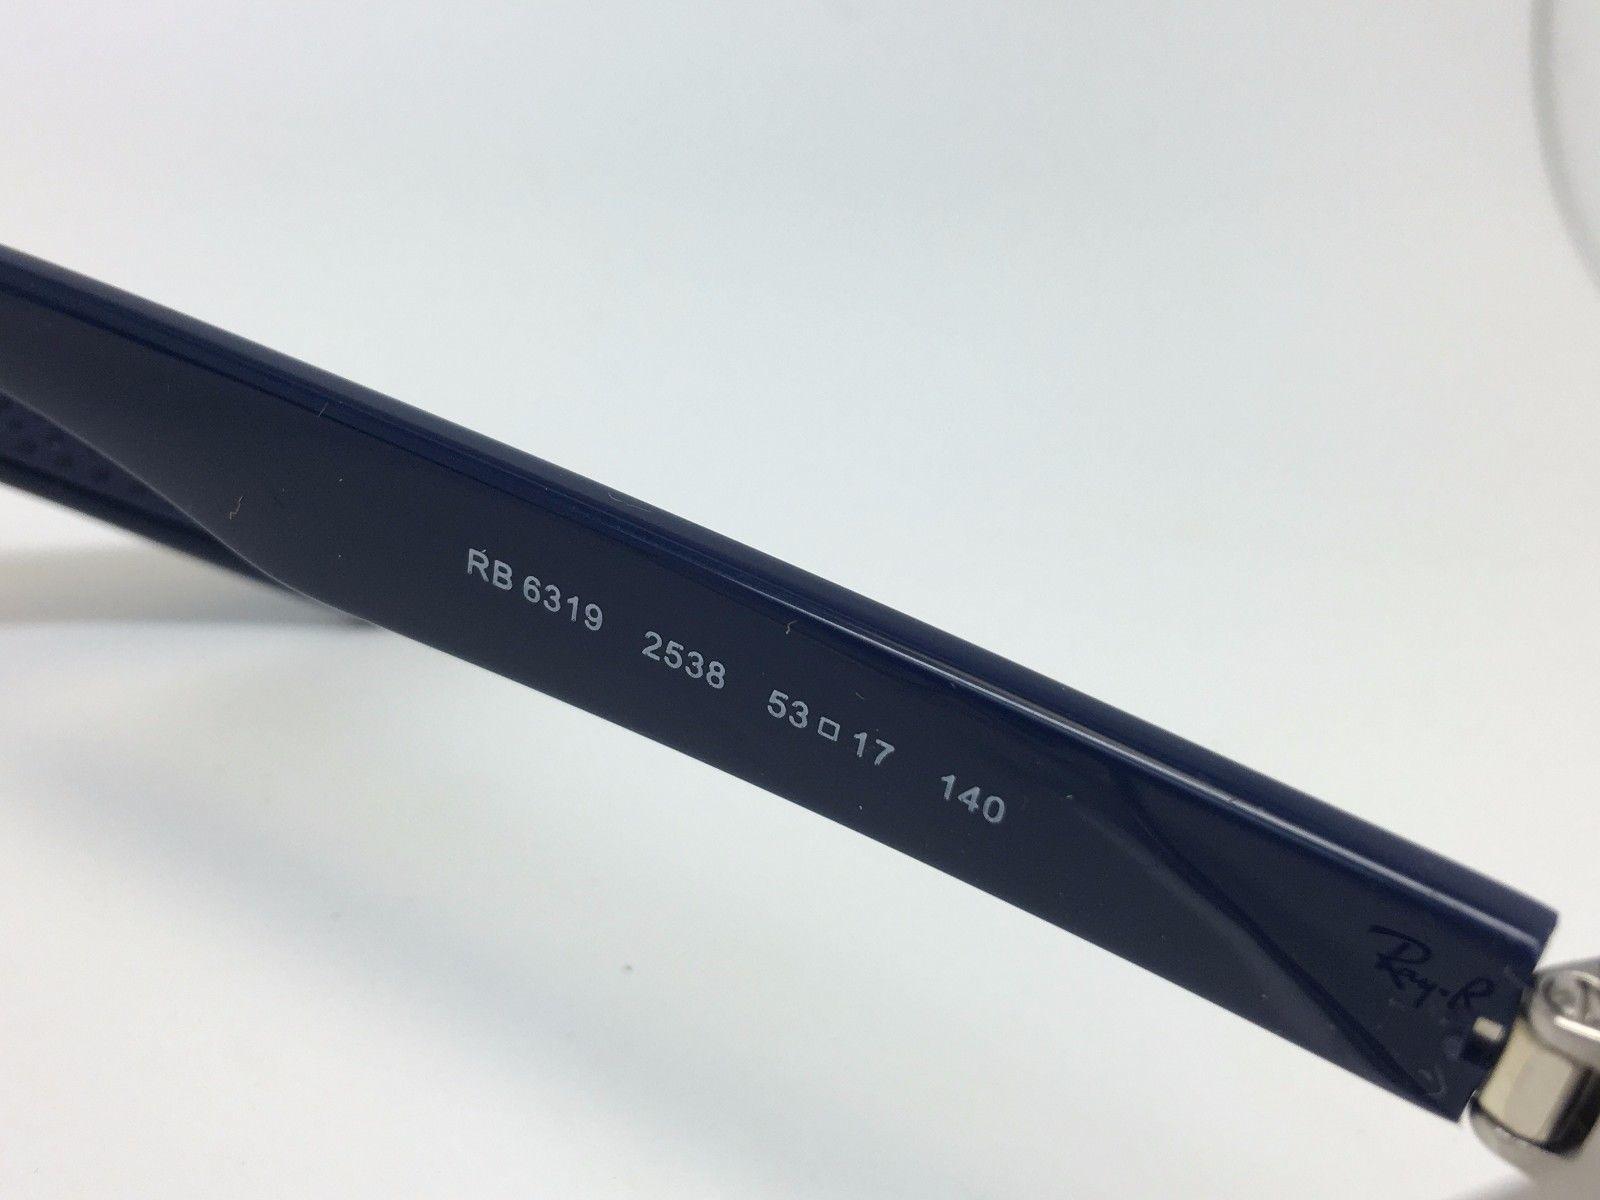 2b02e4a42fe Ray-Ban RB 6319 2538 Gunmetal Blu GOMMA Nuovo Autentico Occhiali da Sole